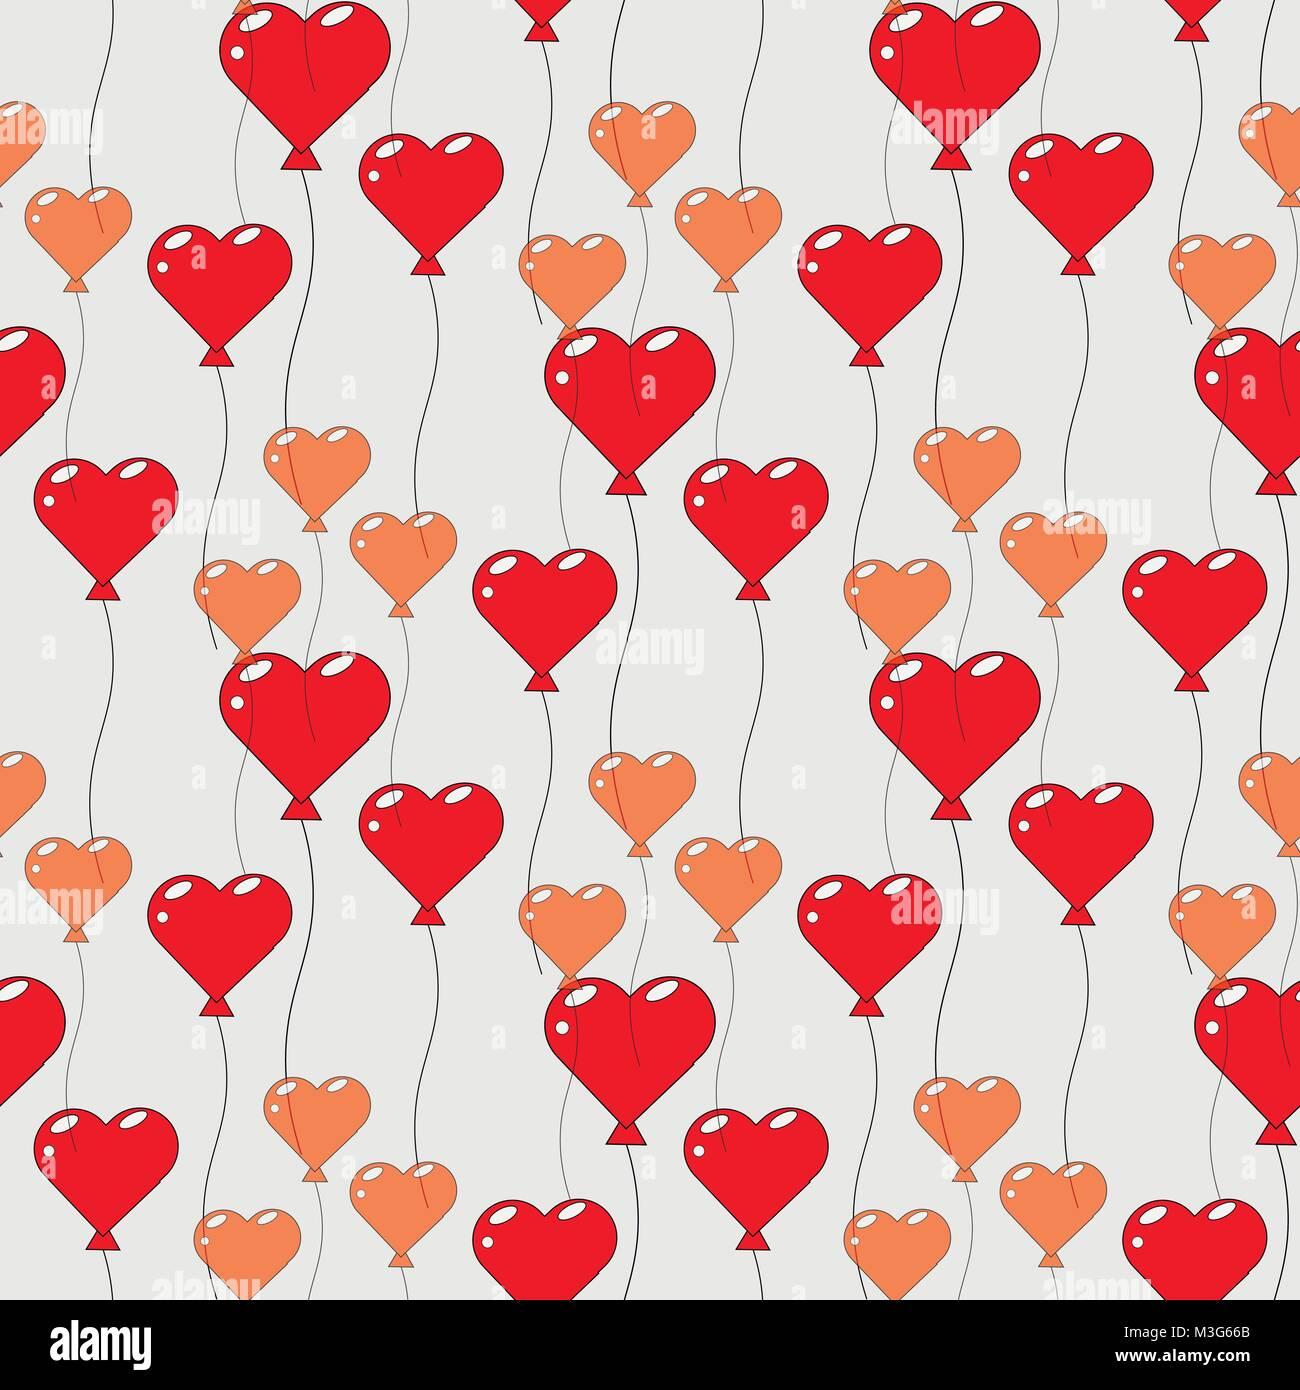 Image Avec Des Coeur modèle transparent avec des ballons en forme de cœur. conception